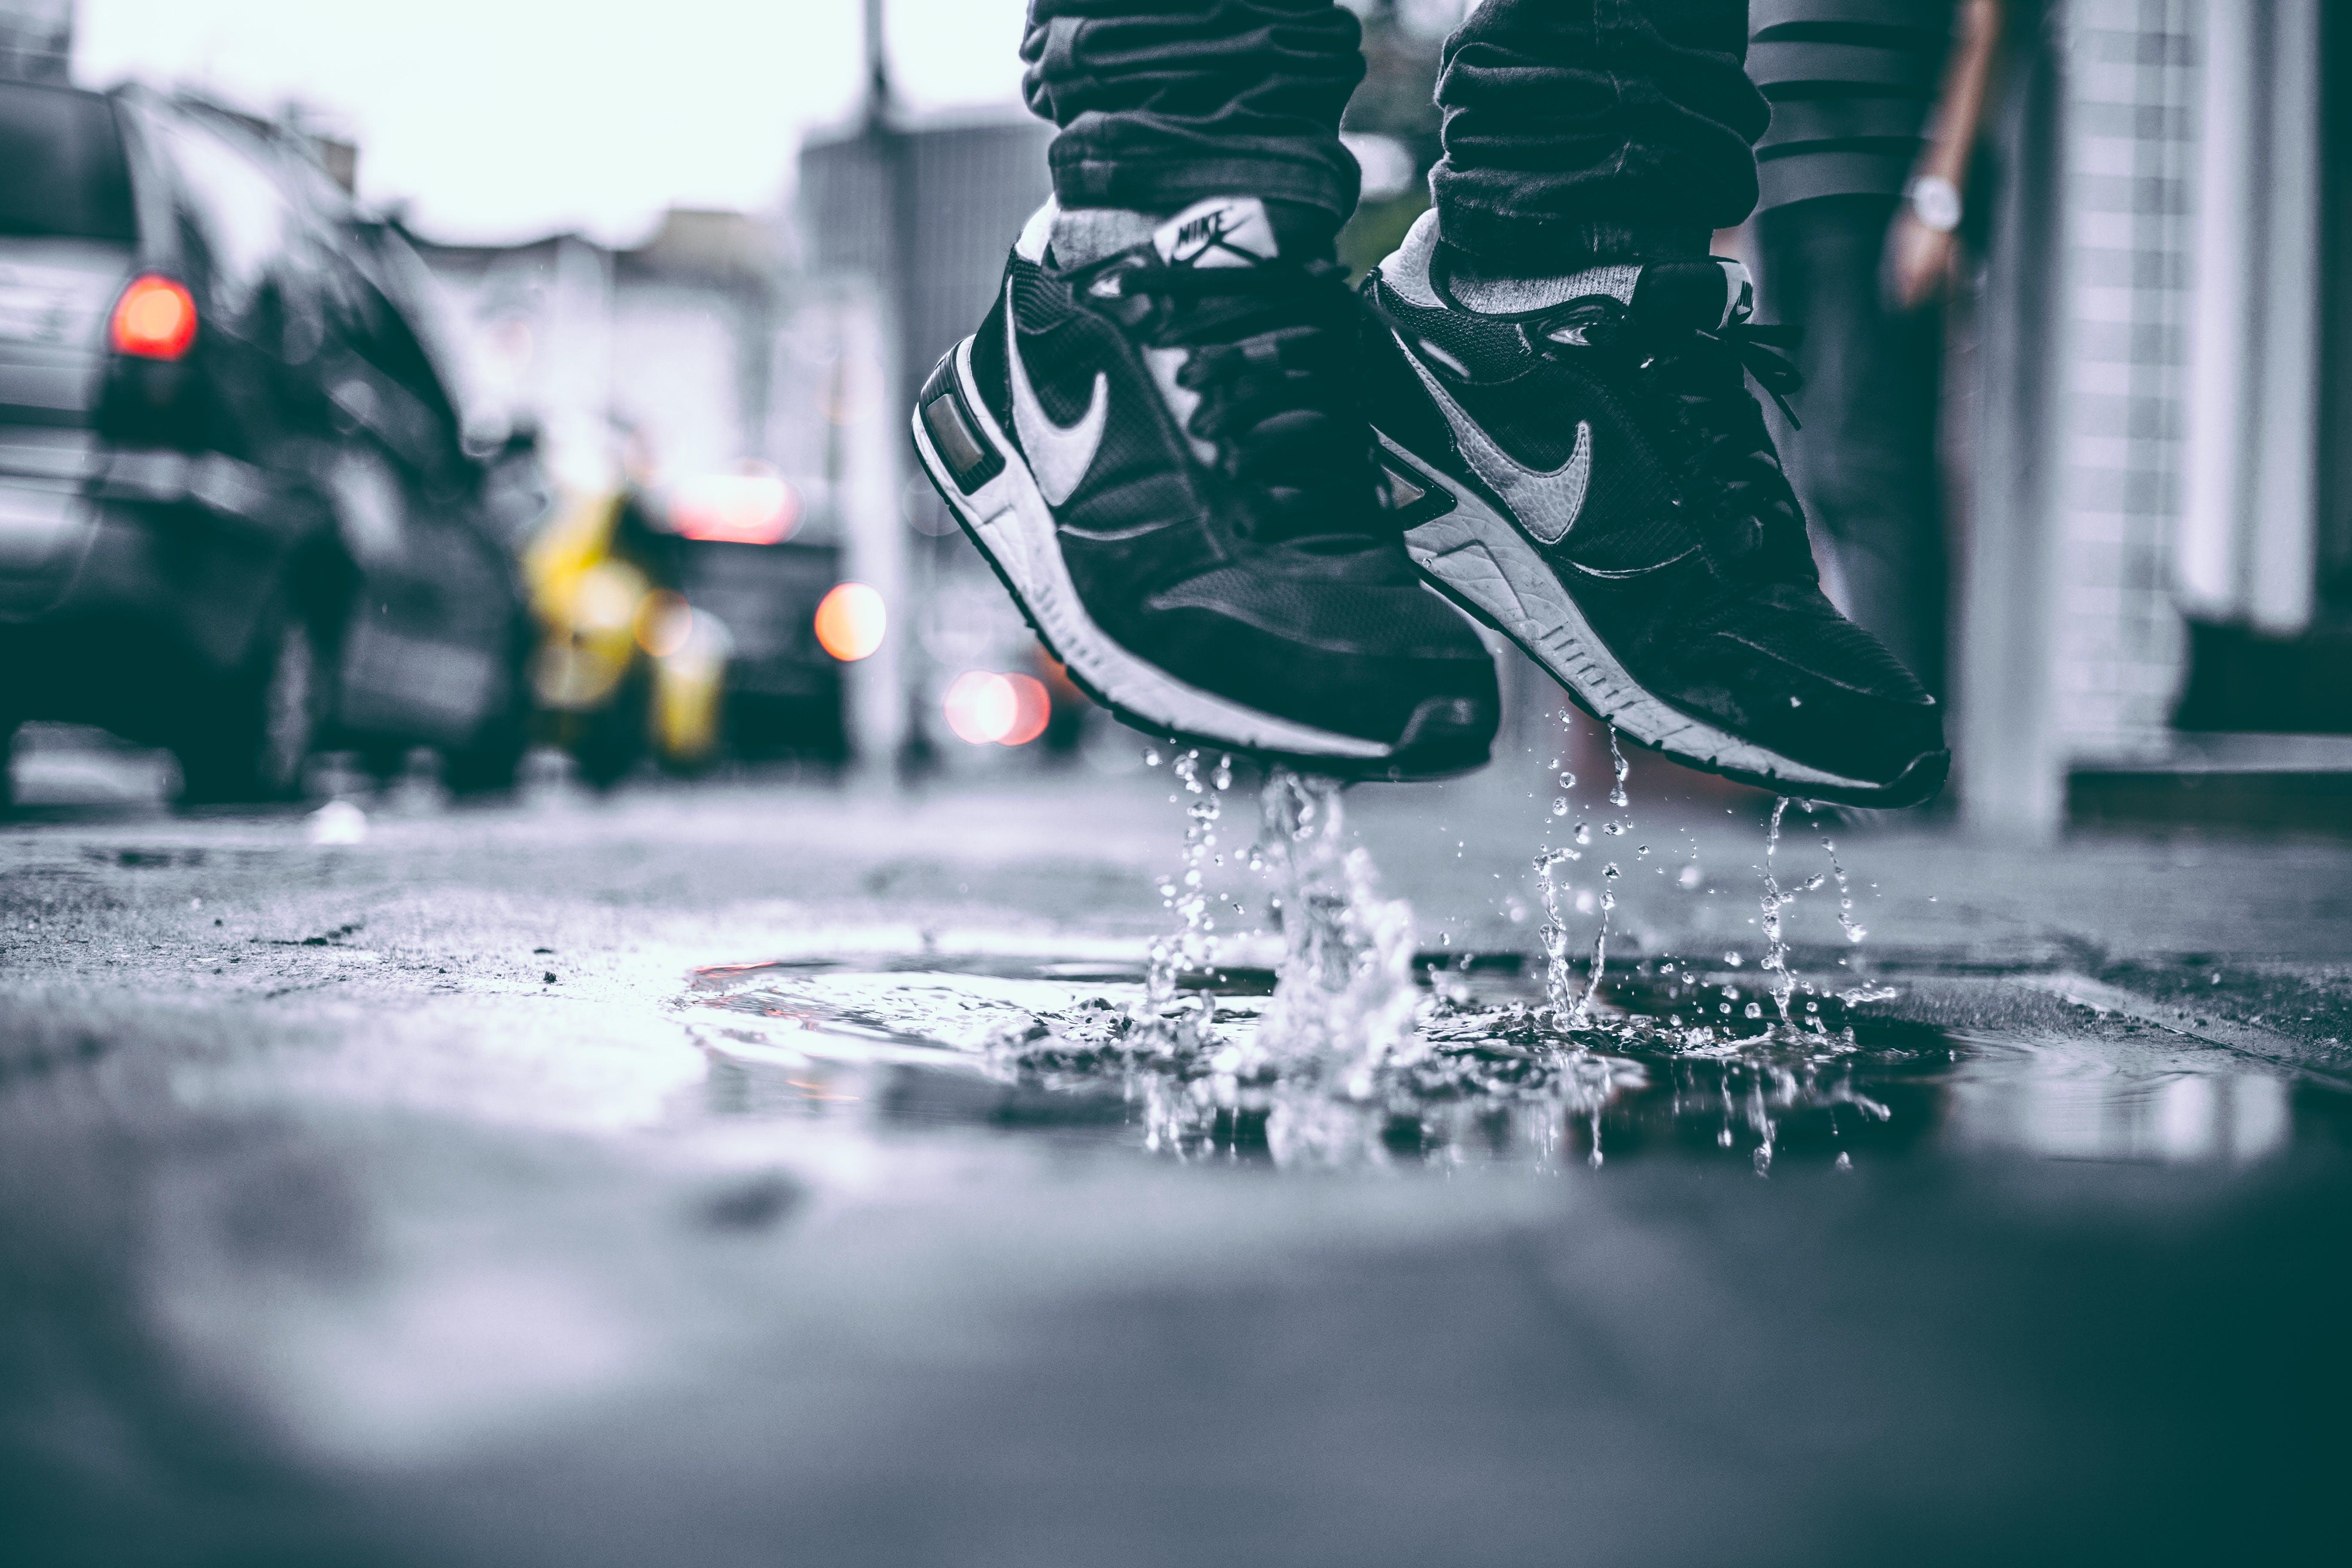 fußbekleidung, hüpfen, nach dem regen